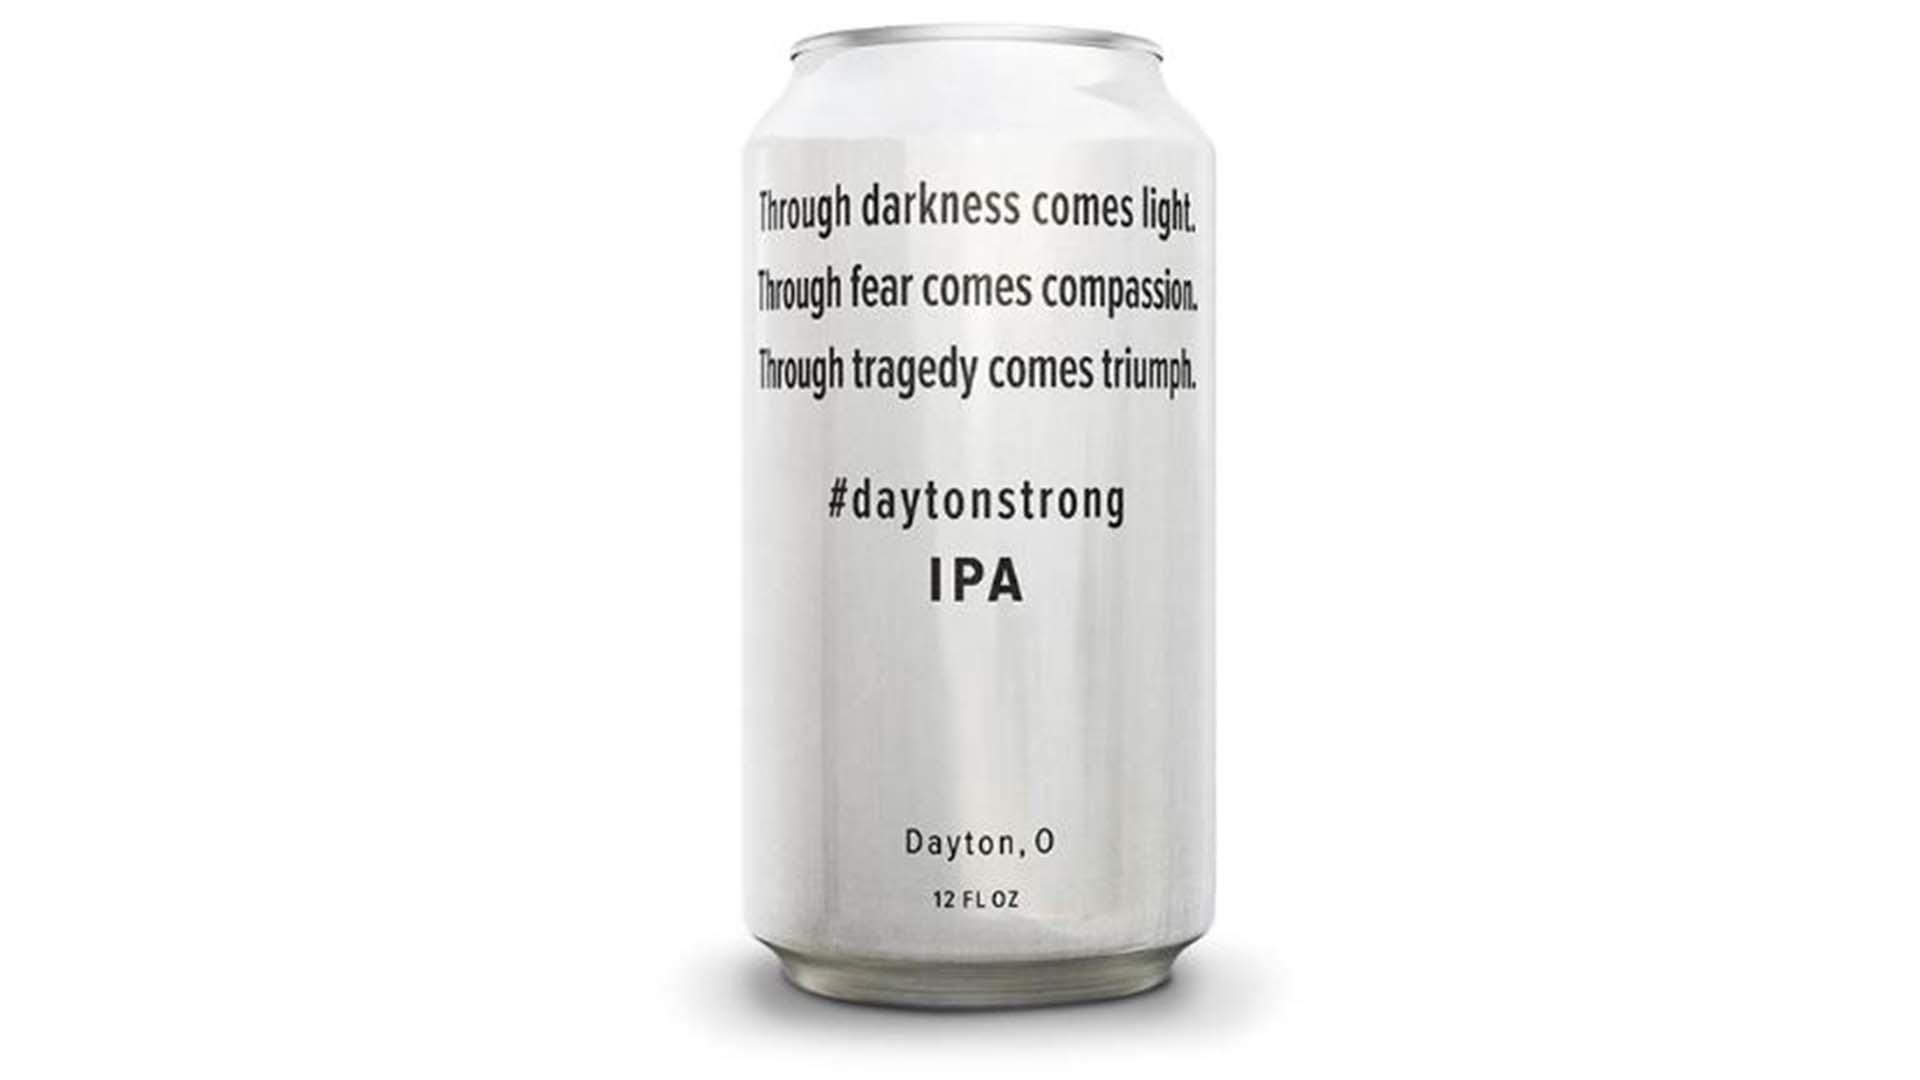 Dayton Strong IPA